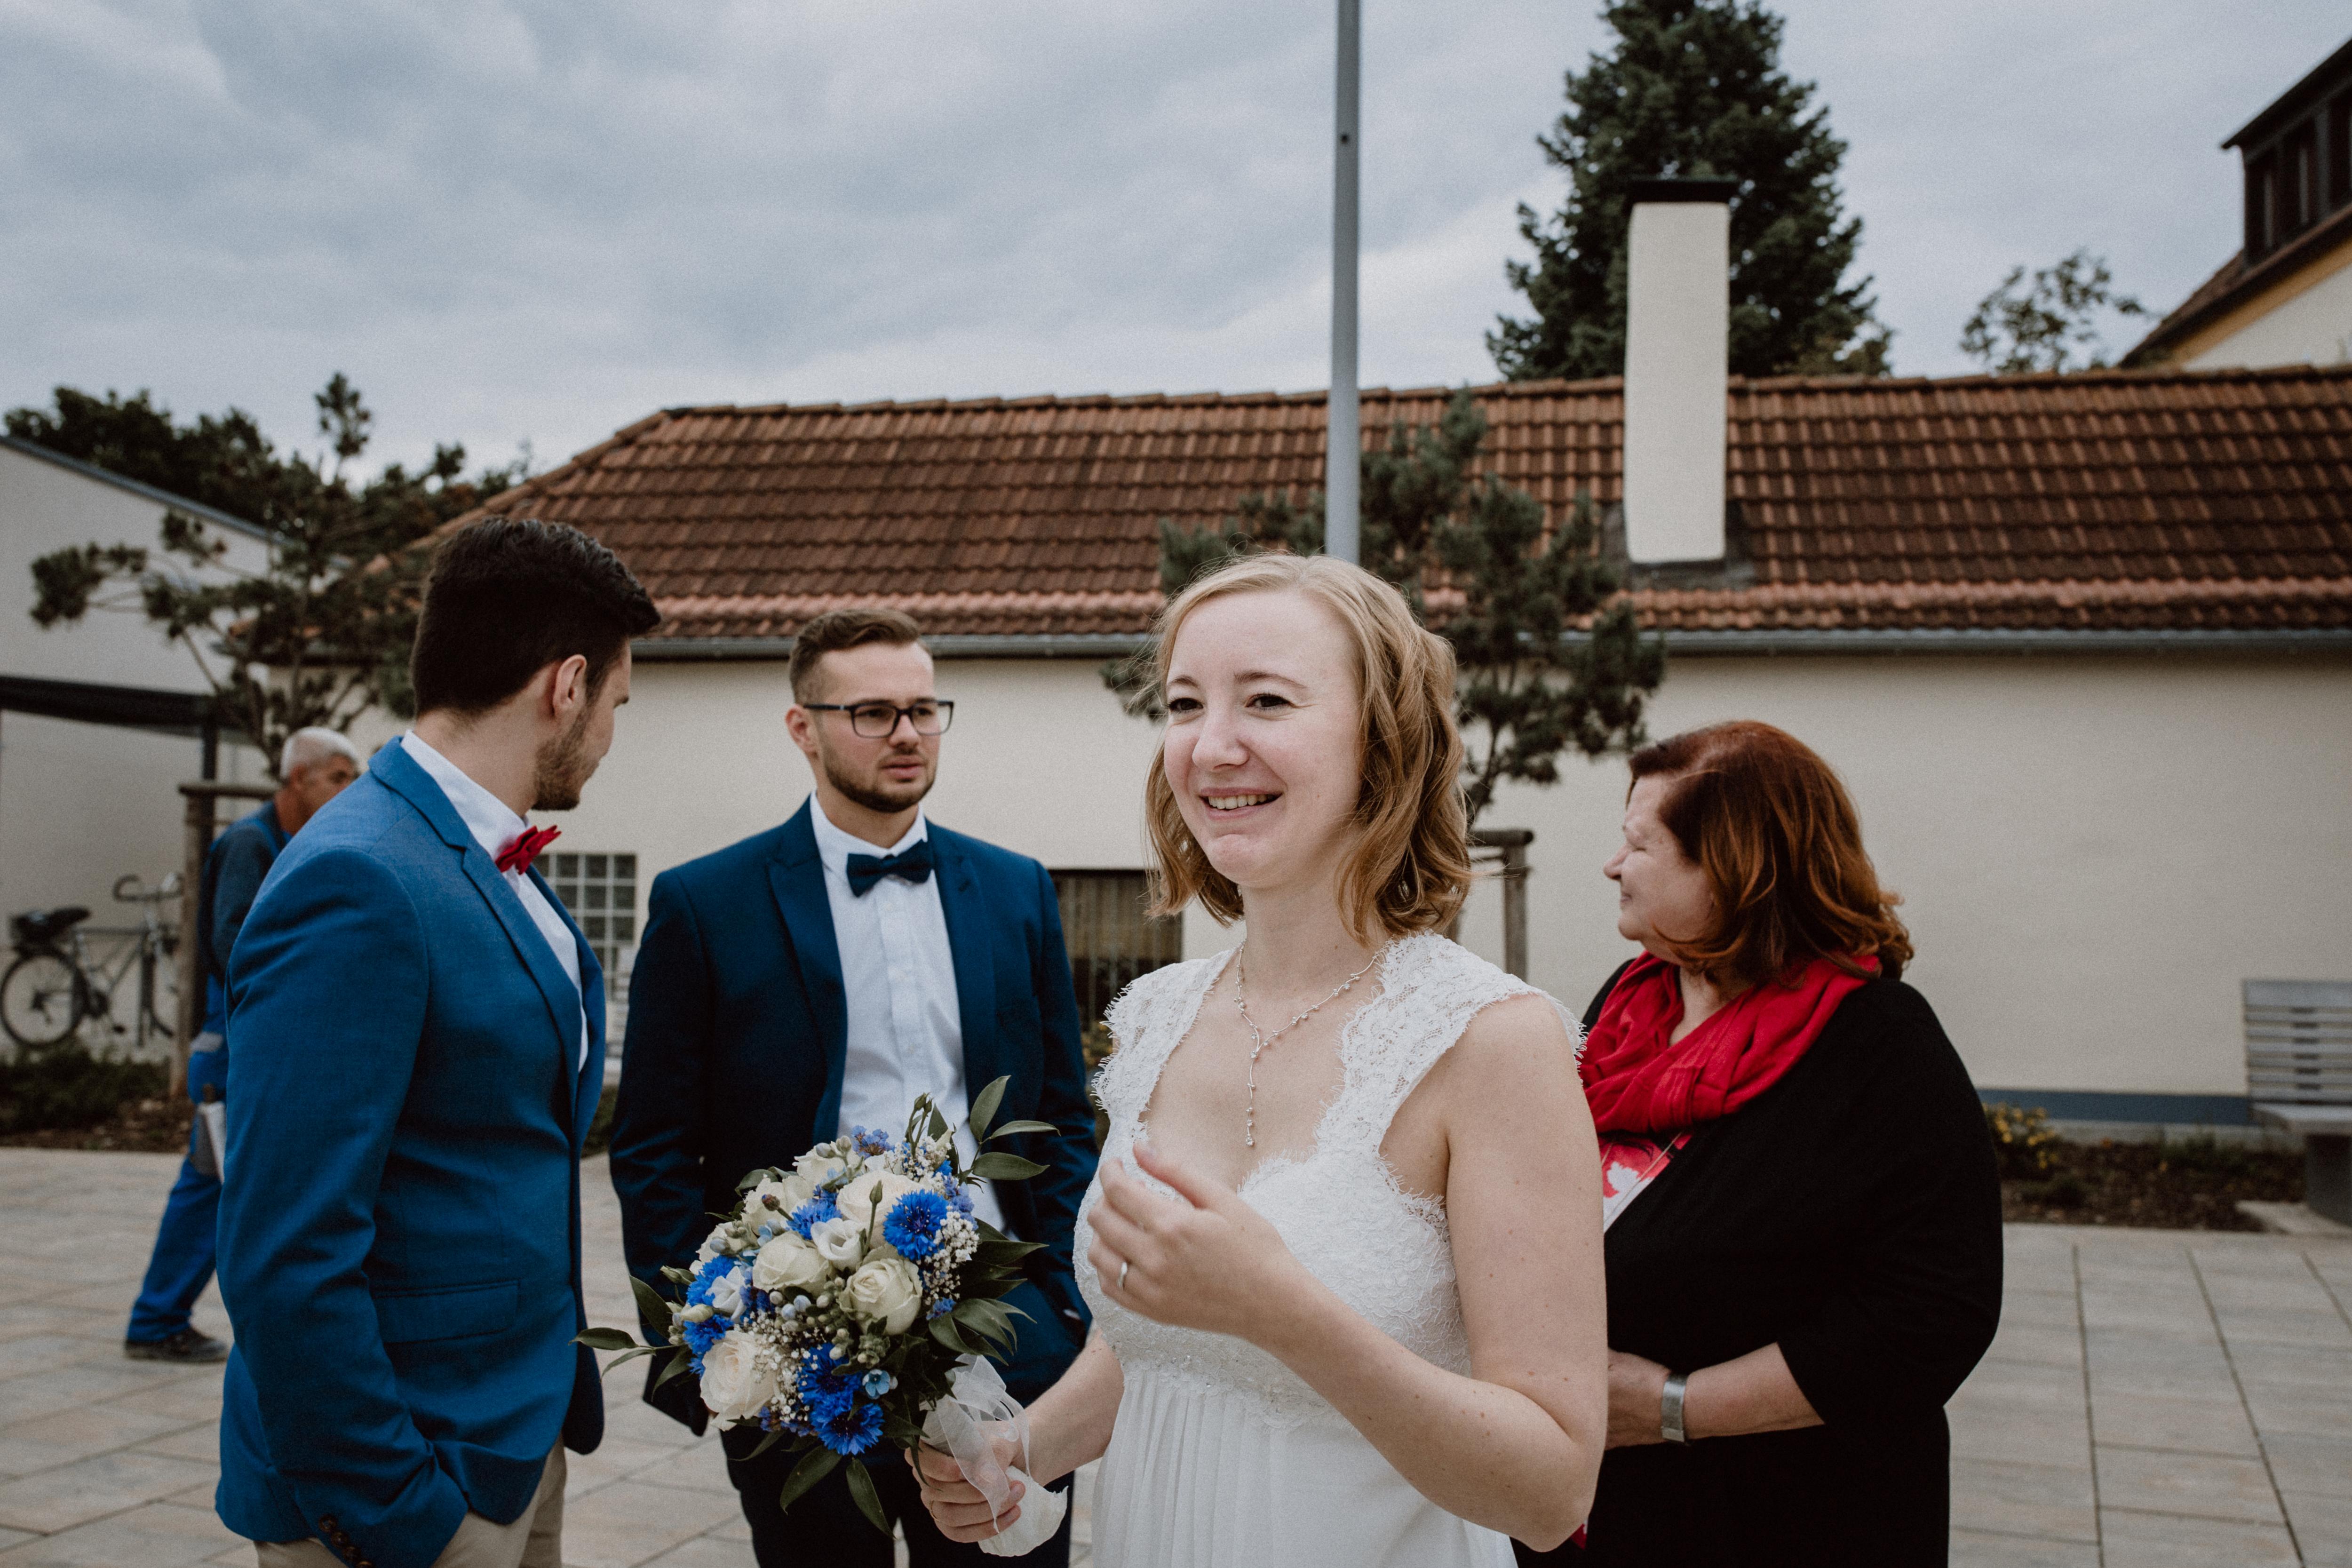 URBANERIE_Daniela_Goth_Hochzeitsfotografin_Nürnberg_Fürth_Erlangen_Schwabach_17907_0367